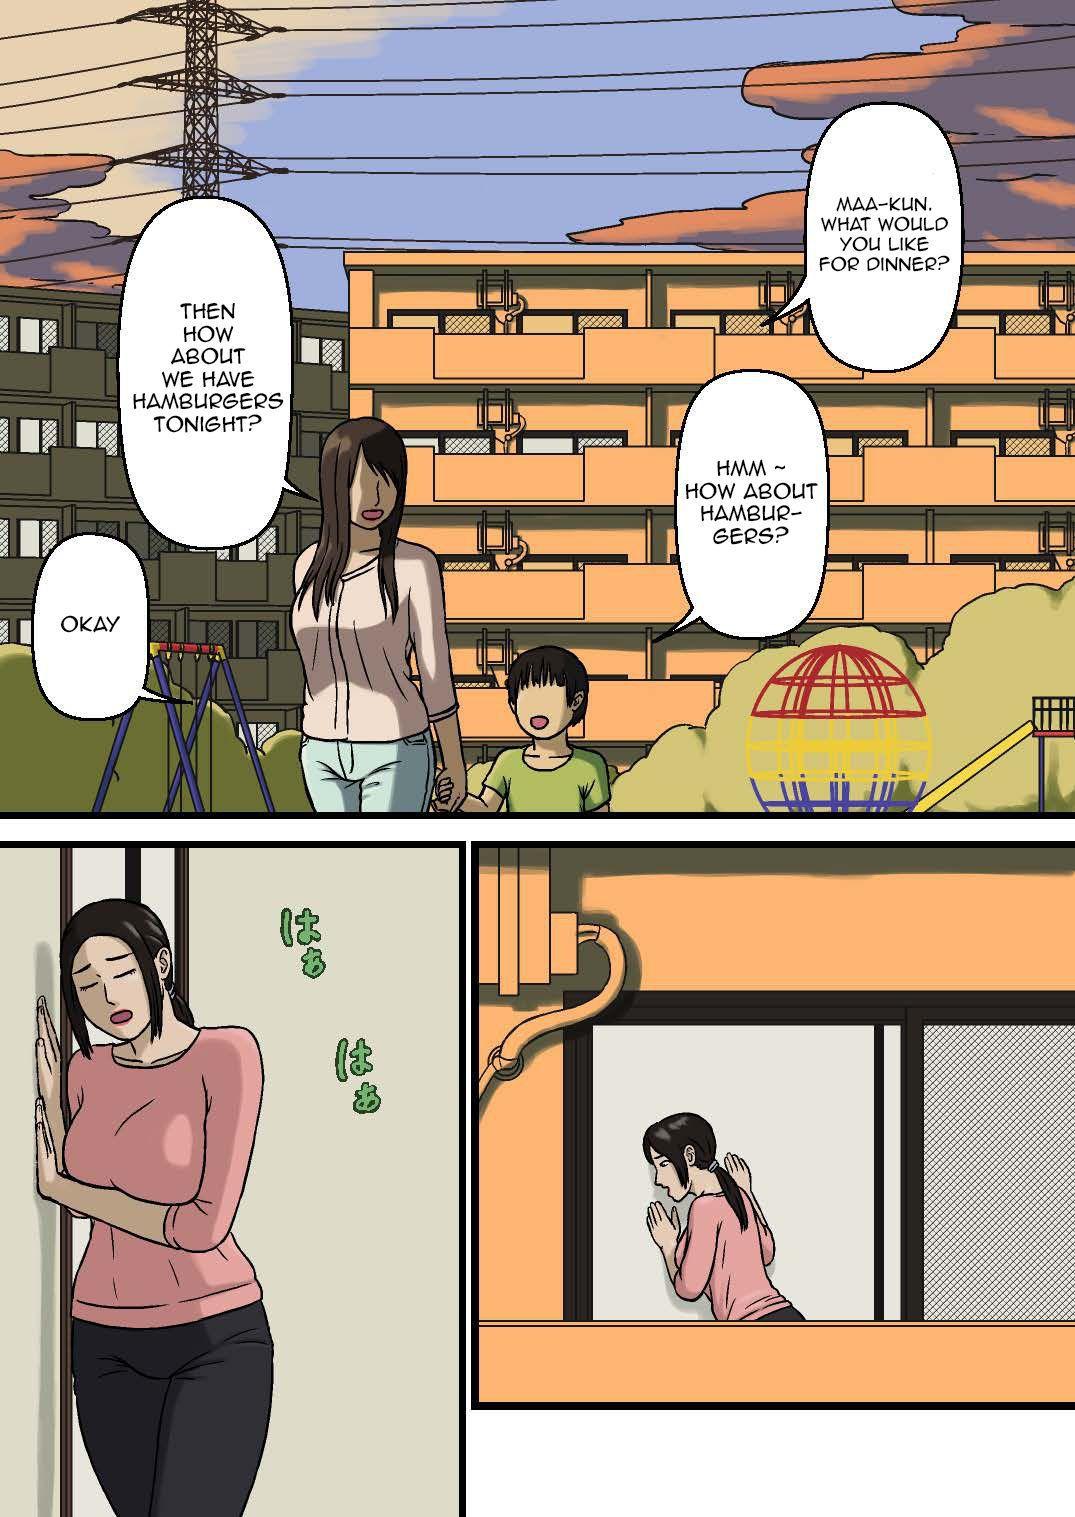 Ama Y Esclavo Porno hahaoya a sukebe na musuko - un madre en el manga porno pro